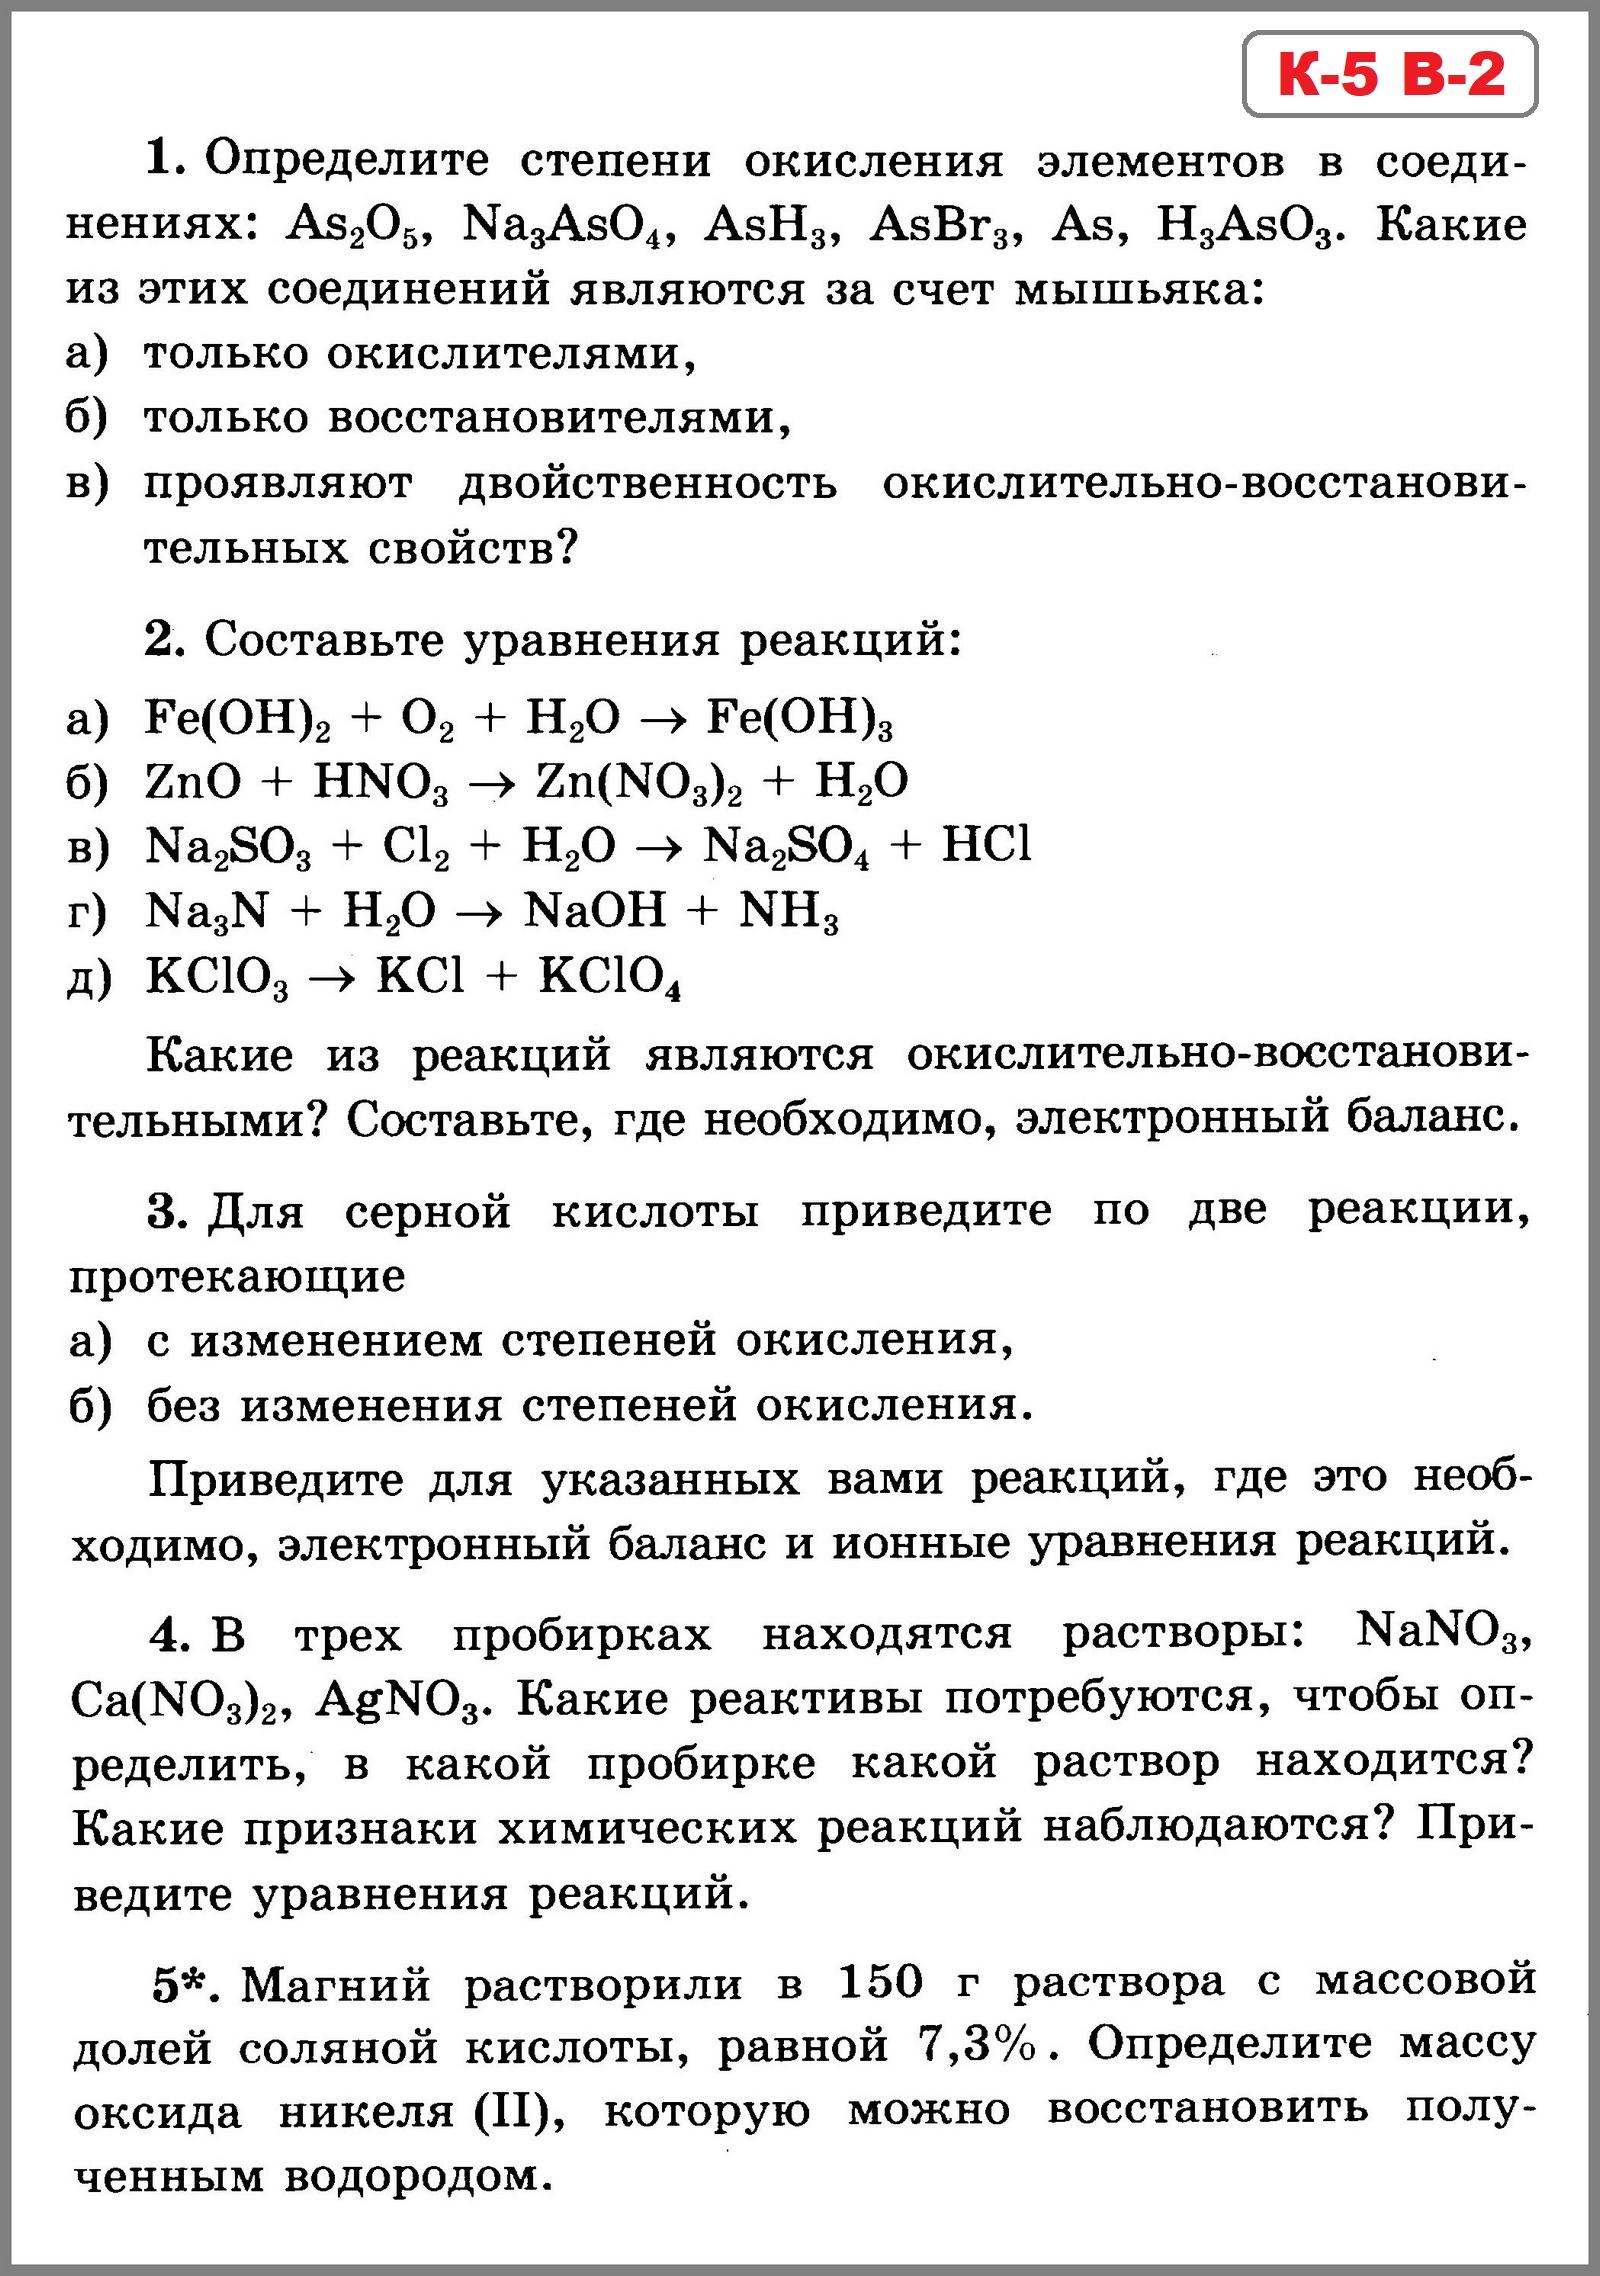 Контрольная работа 8 химия 2344